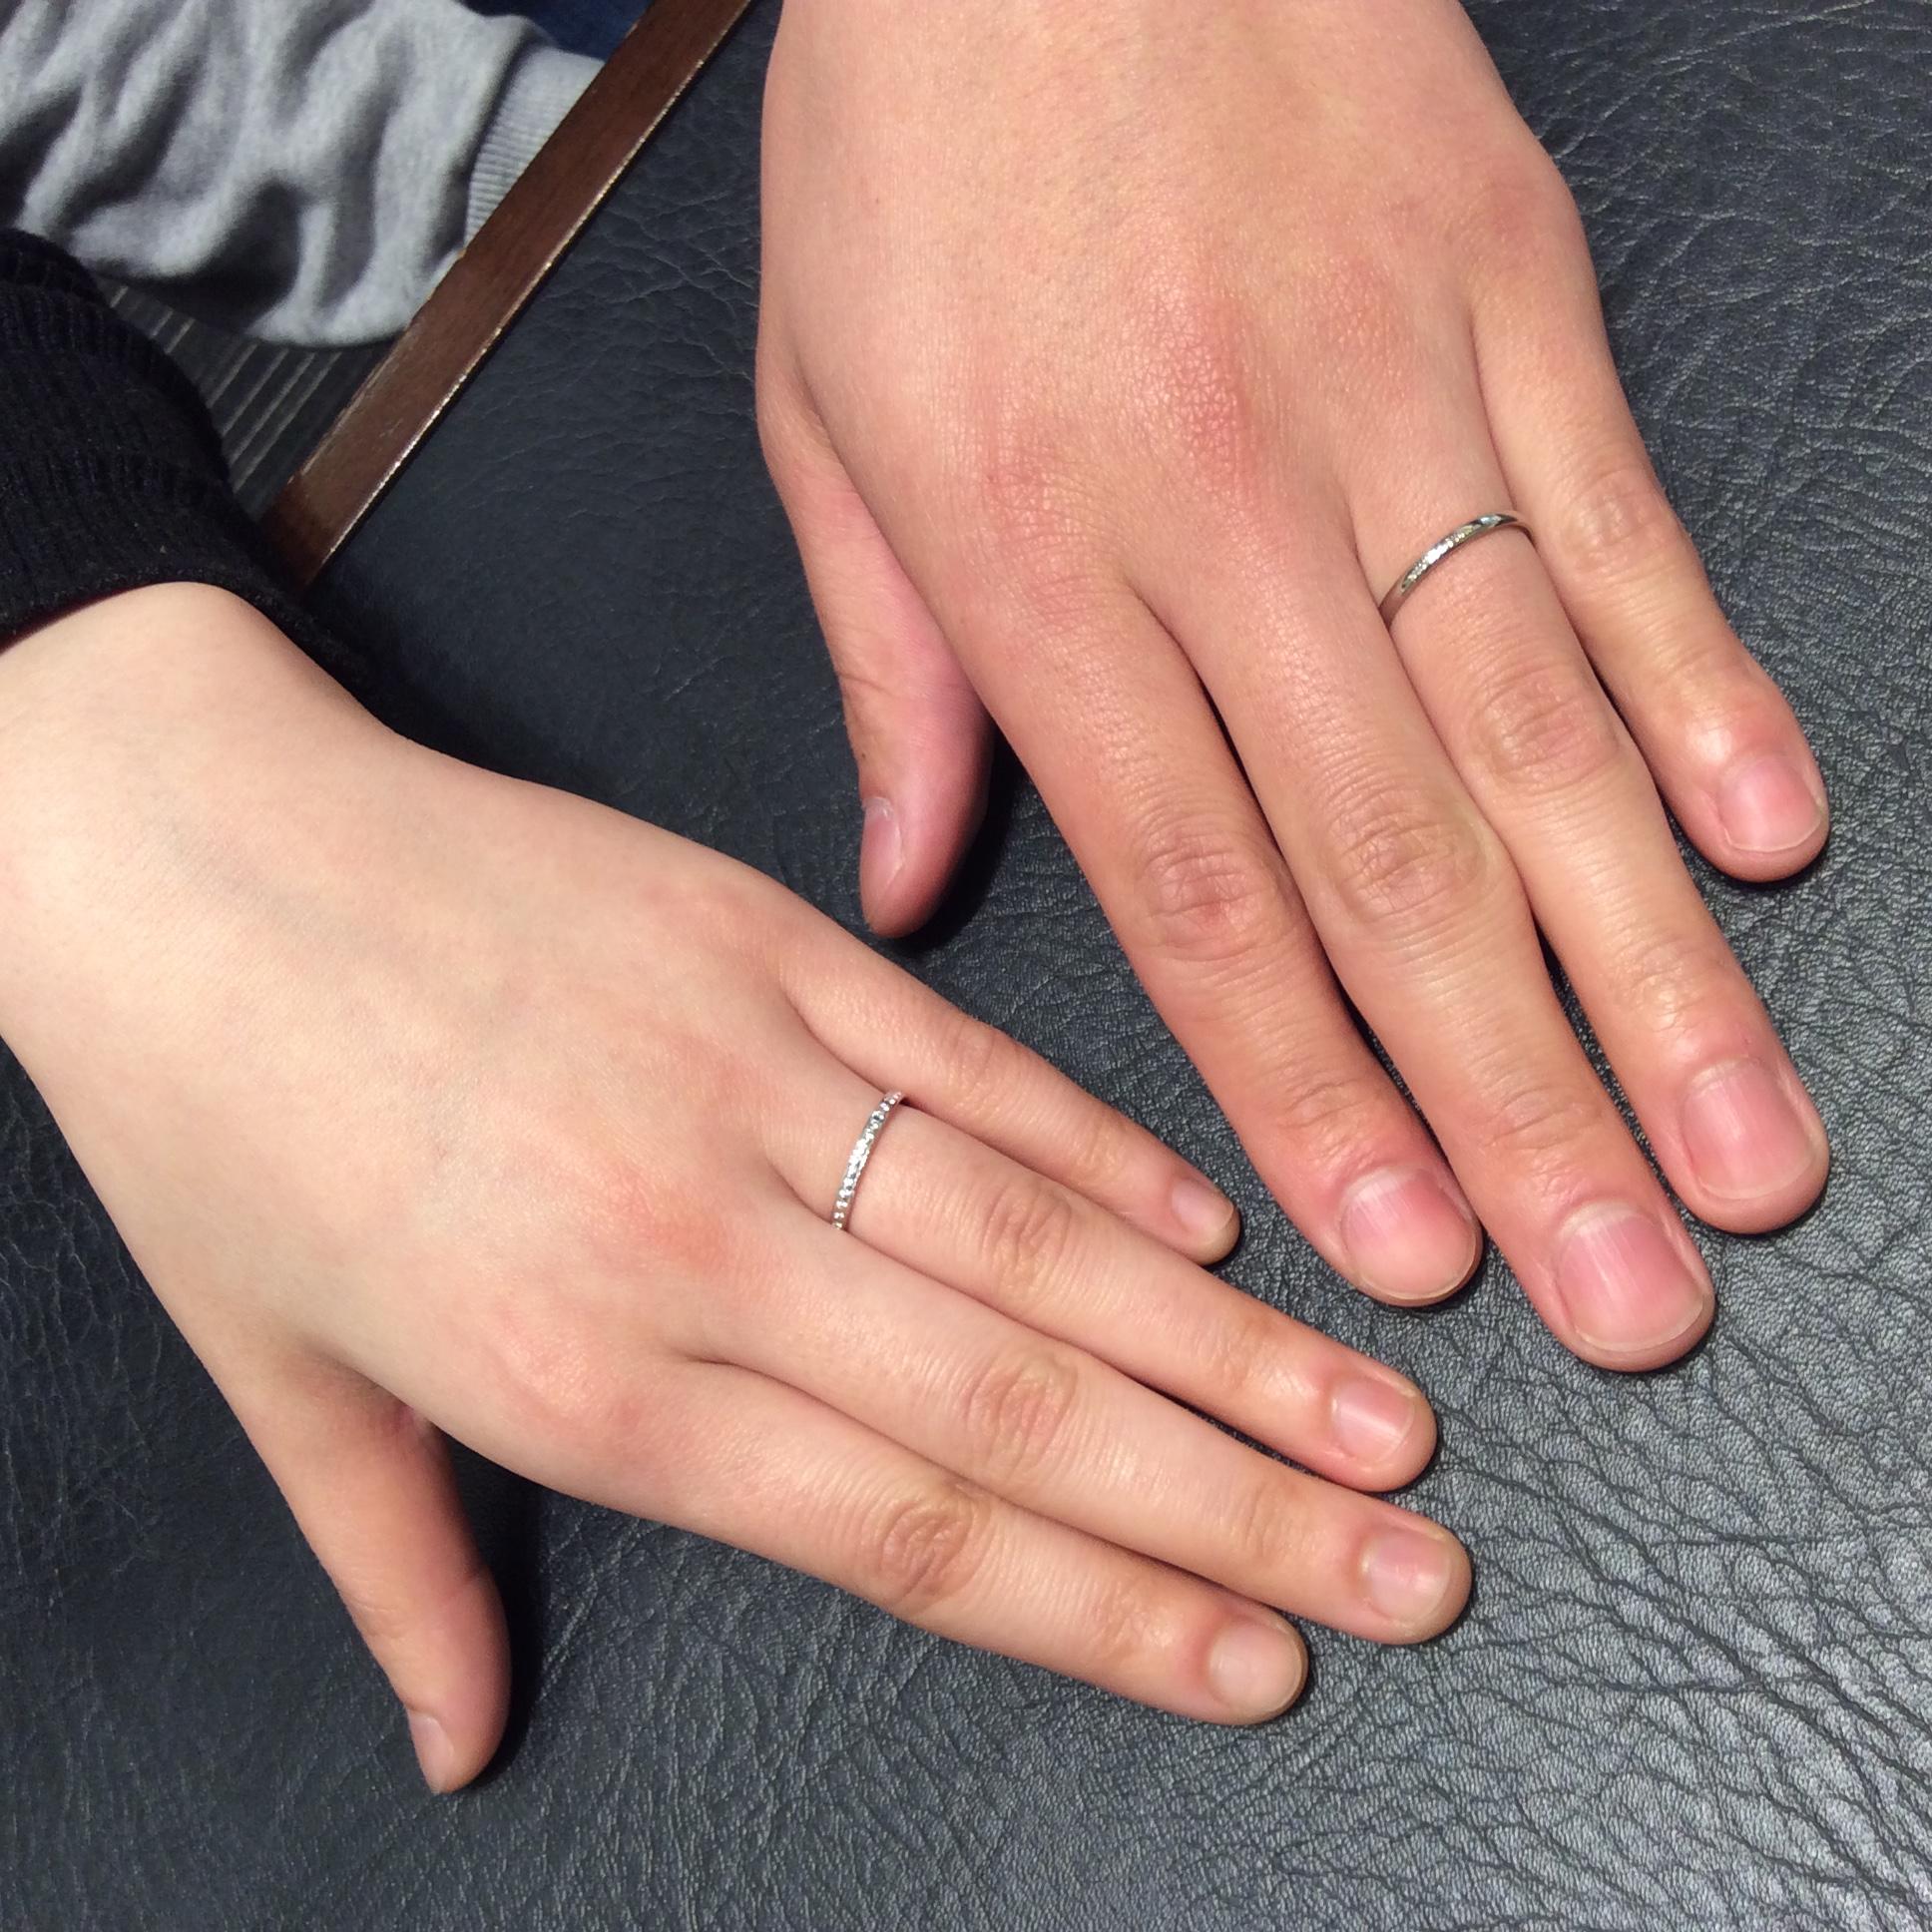 お客様フォト 女性:かれん 男性:ことほぎ シンプルな結婚指輪